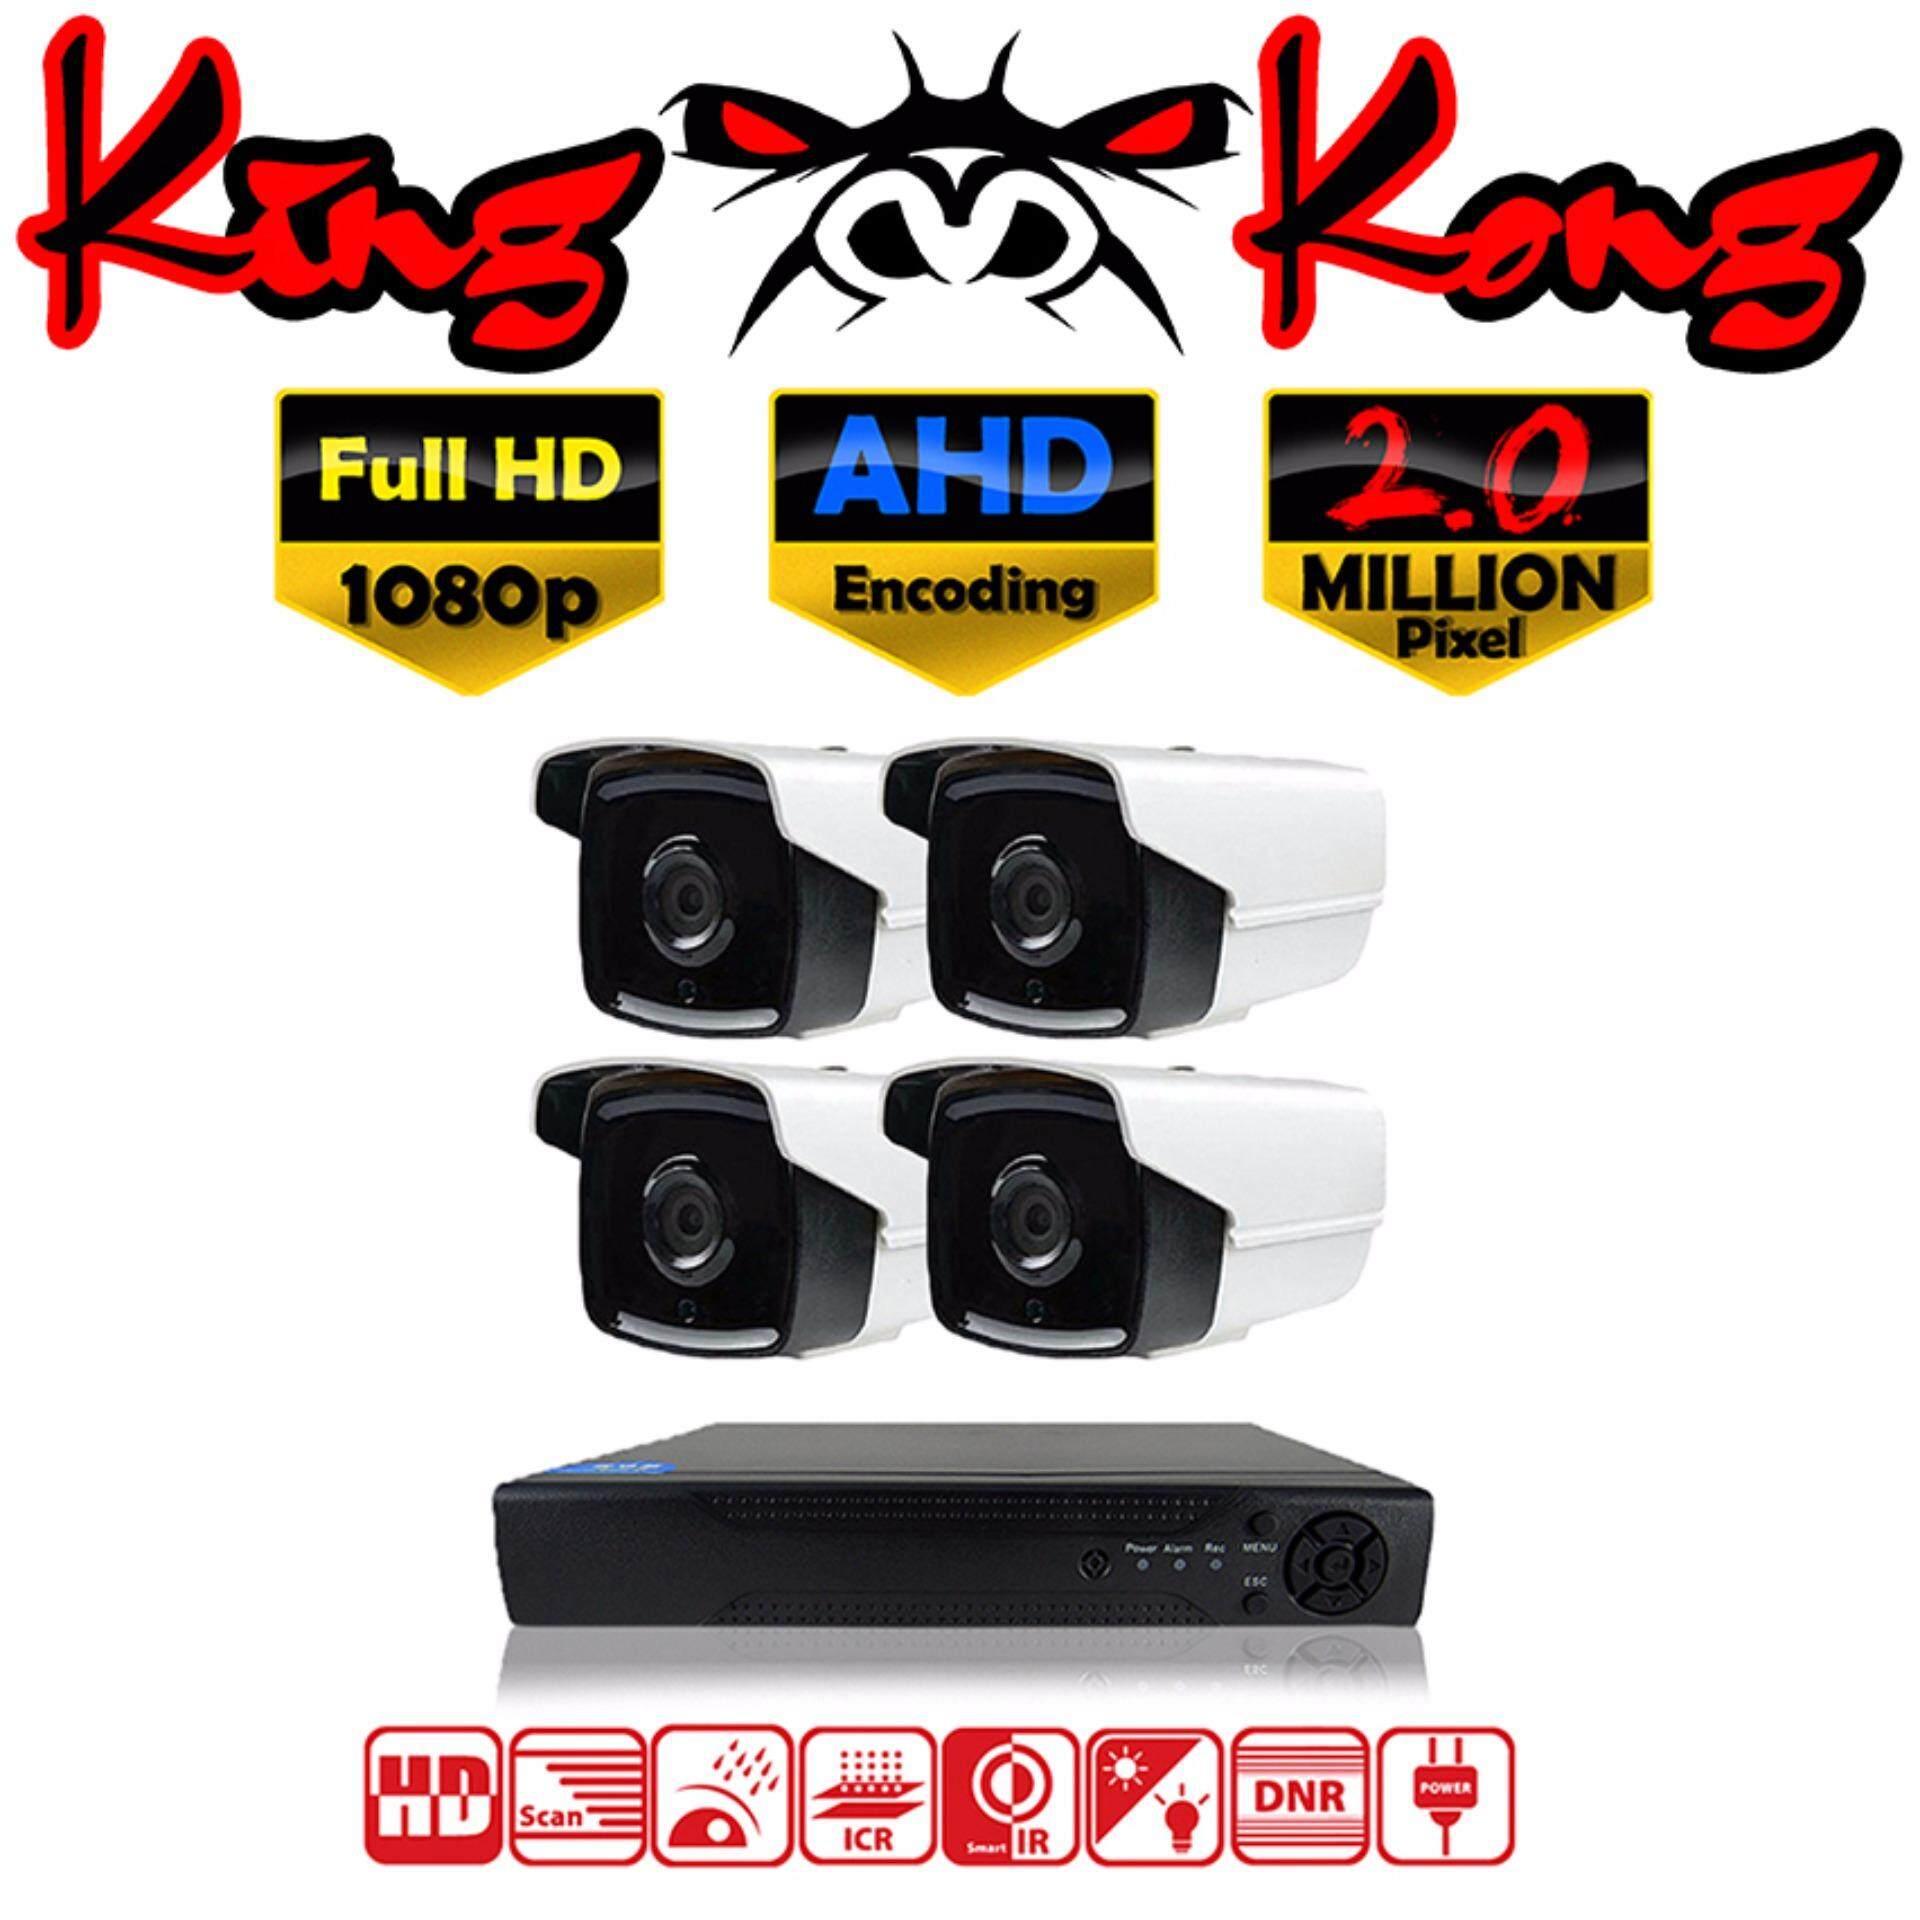 เช็คราคา ชุดกล้องวงจรปิดกล้อง (OEM) EXIR 4CH CCTV กล้อง 4ตัว ทรงกระบอก 2.0 MP 1080p Full HD เลนส์ 3.6mm / IR-Cut / Night Vision / Day&Night / Water Proof พร้อมเครื่องบันทึก 4ช่อง 1080P DVR, NVR, AHD ภาพชัดที่สุด